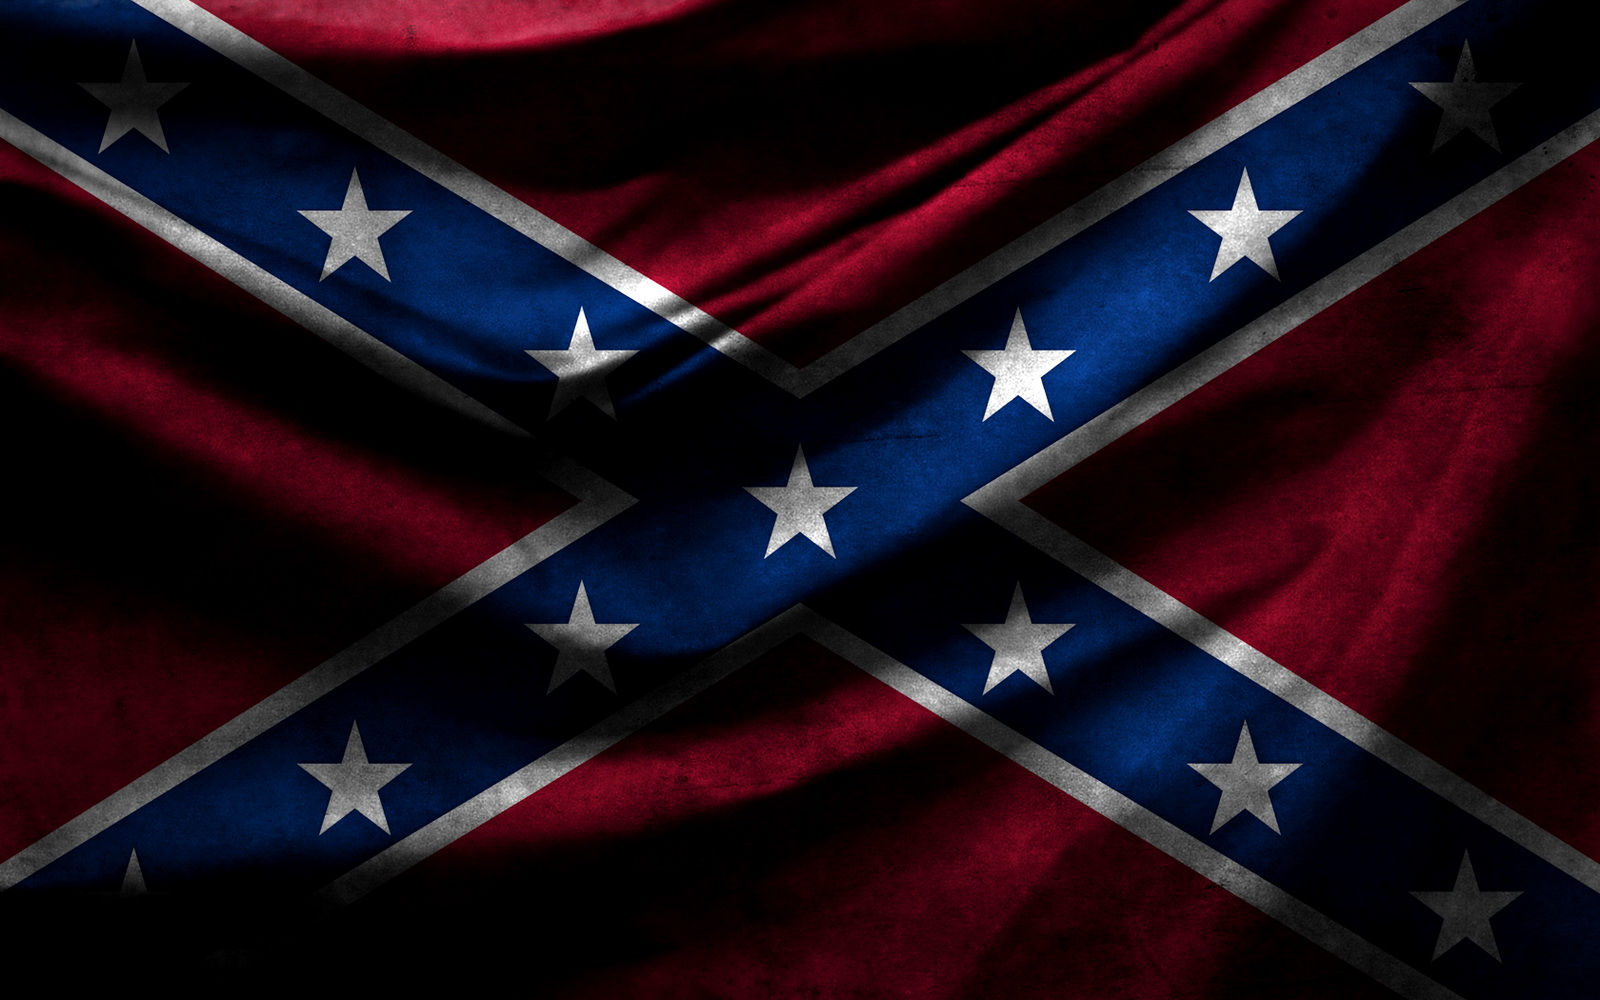 http://fc04.deviantart.net/fs71/f/2011/021/0/d/confederate_flag_usa_by_atillawolf-d37ooh3.jpg